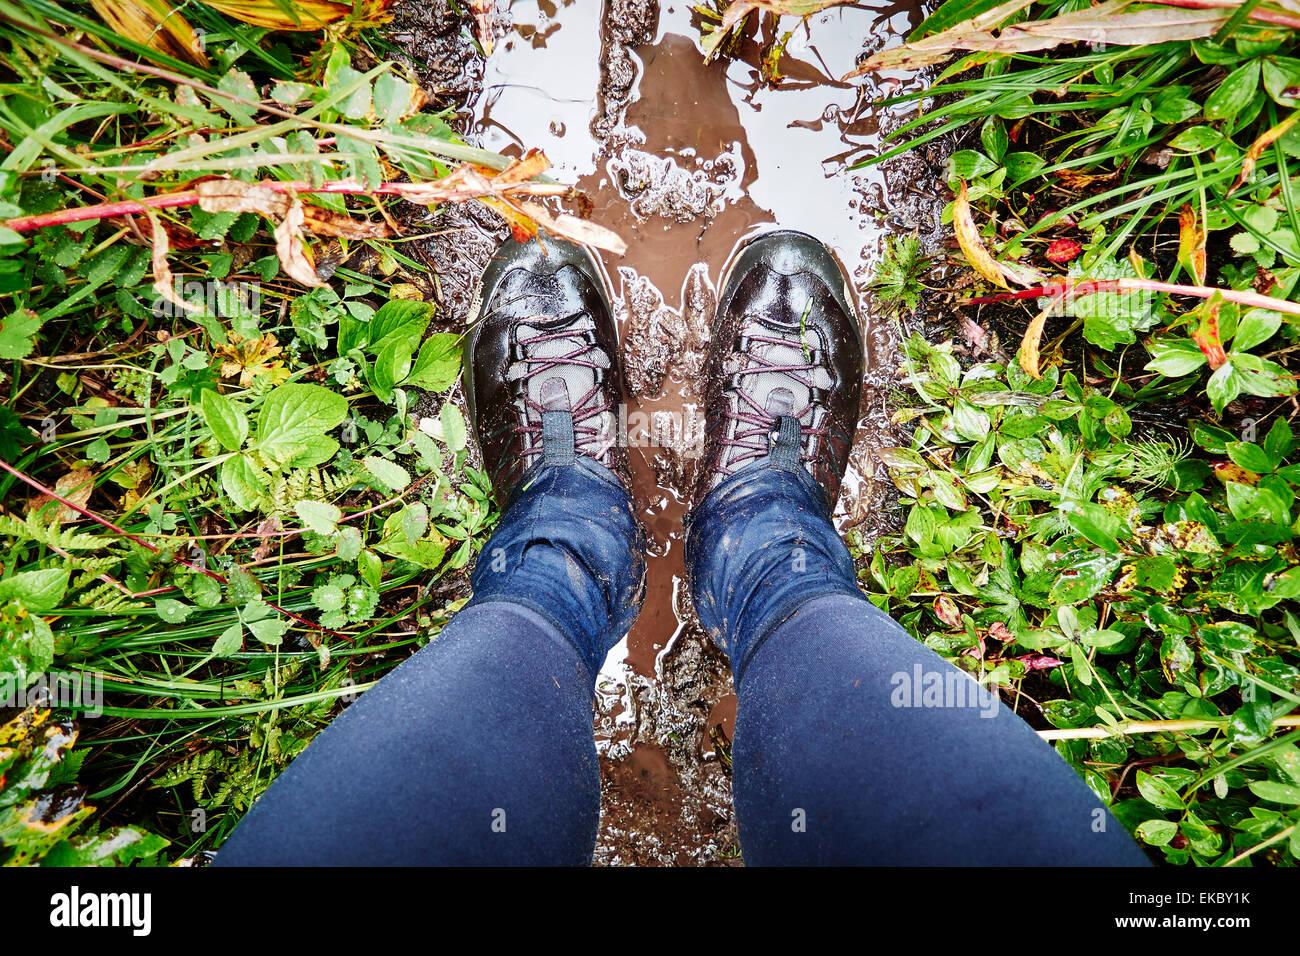 Scarpe da trekking sul sentiero fangoso, Palmer, Alaska, STATI UNITI D'AMERICA Immagini Stock